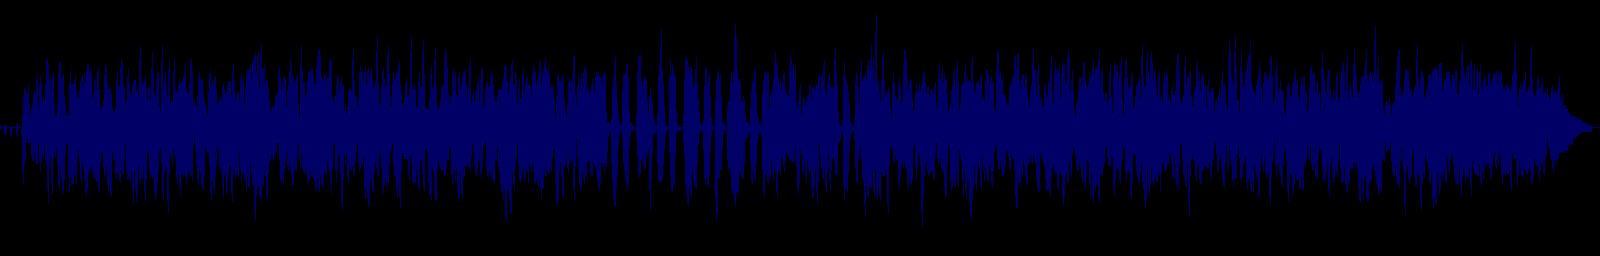 waveform of track #96424